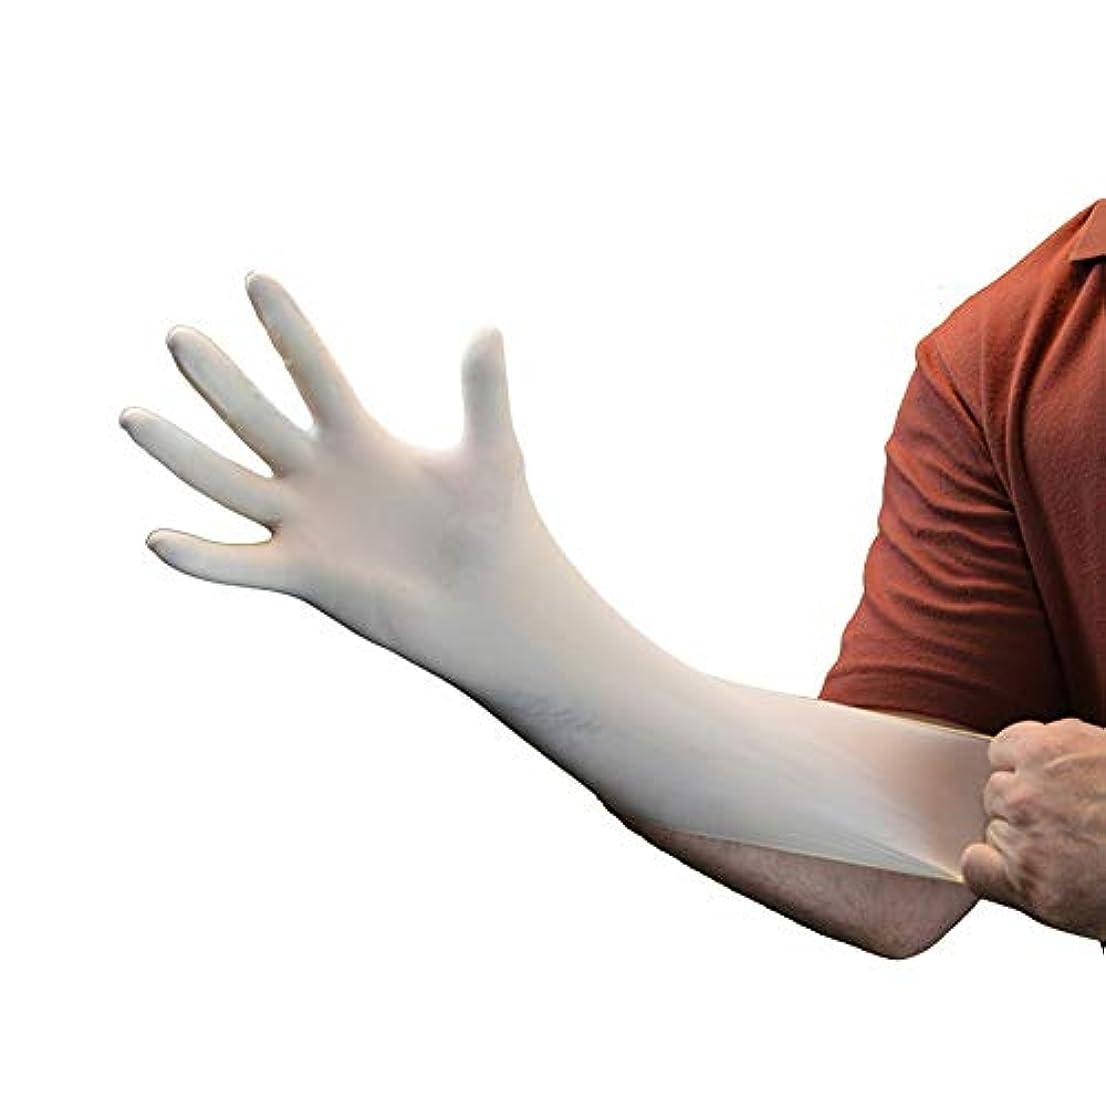 横向き本土技術的な使い捨てラテックス手袋 - パウダーフリーの歯科技工所労働保護製品をマッサージ YANW (Color : White, Size : XS)